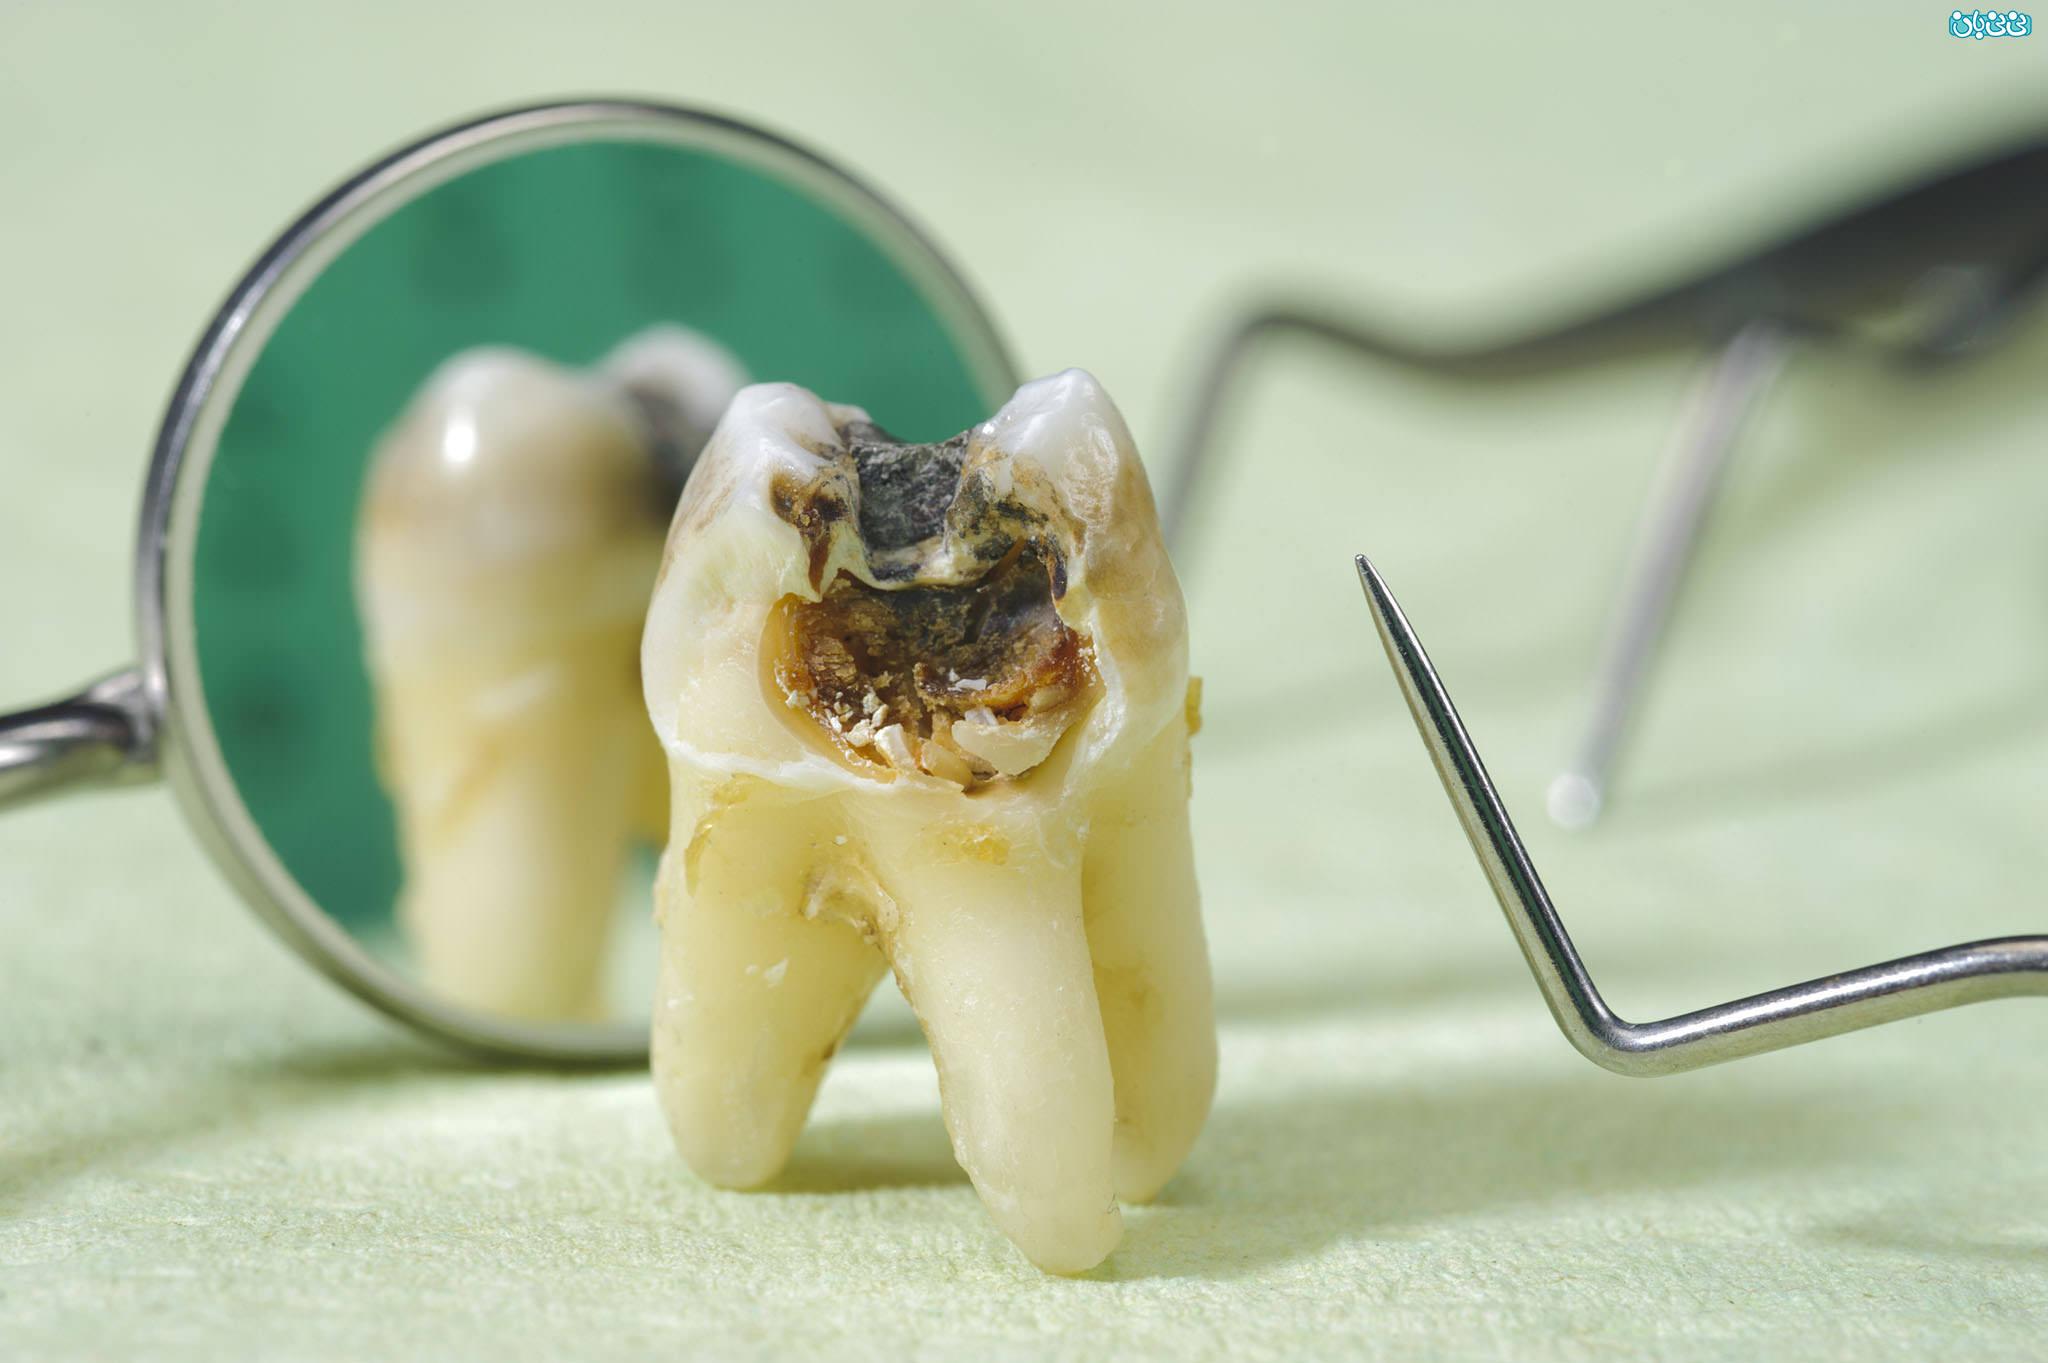 انواع پوسیدگی دندان - عکس پوسیدگی دندان -علت پوسیدگی دندان، بشناسید و پیشگیری کنید